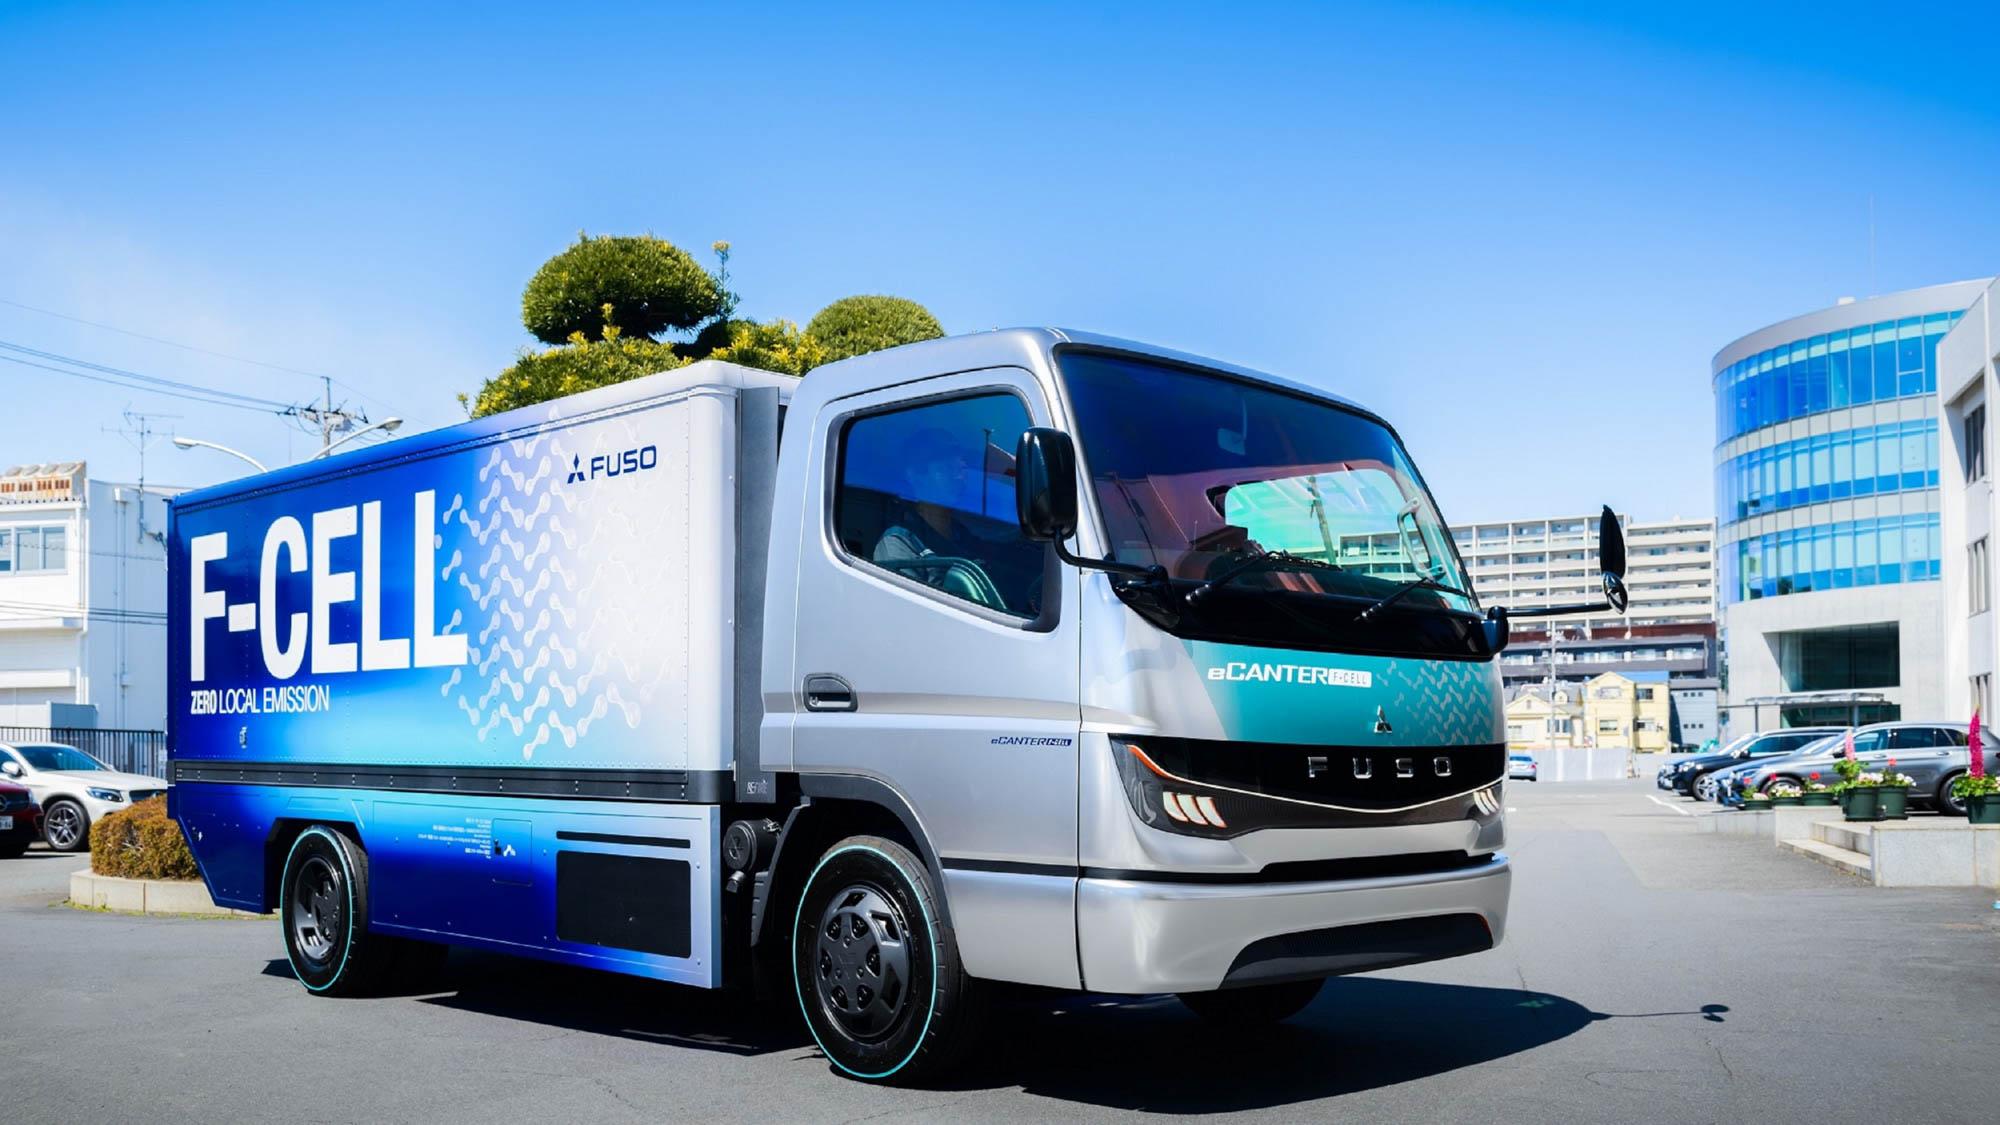 為商車展準備!FUSO eCANTER F-CELL 氫燃料商用概念車抵台